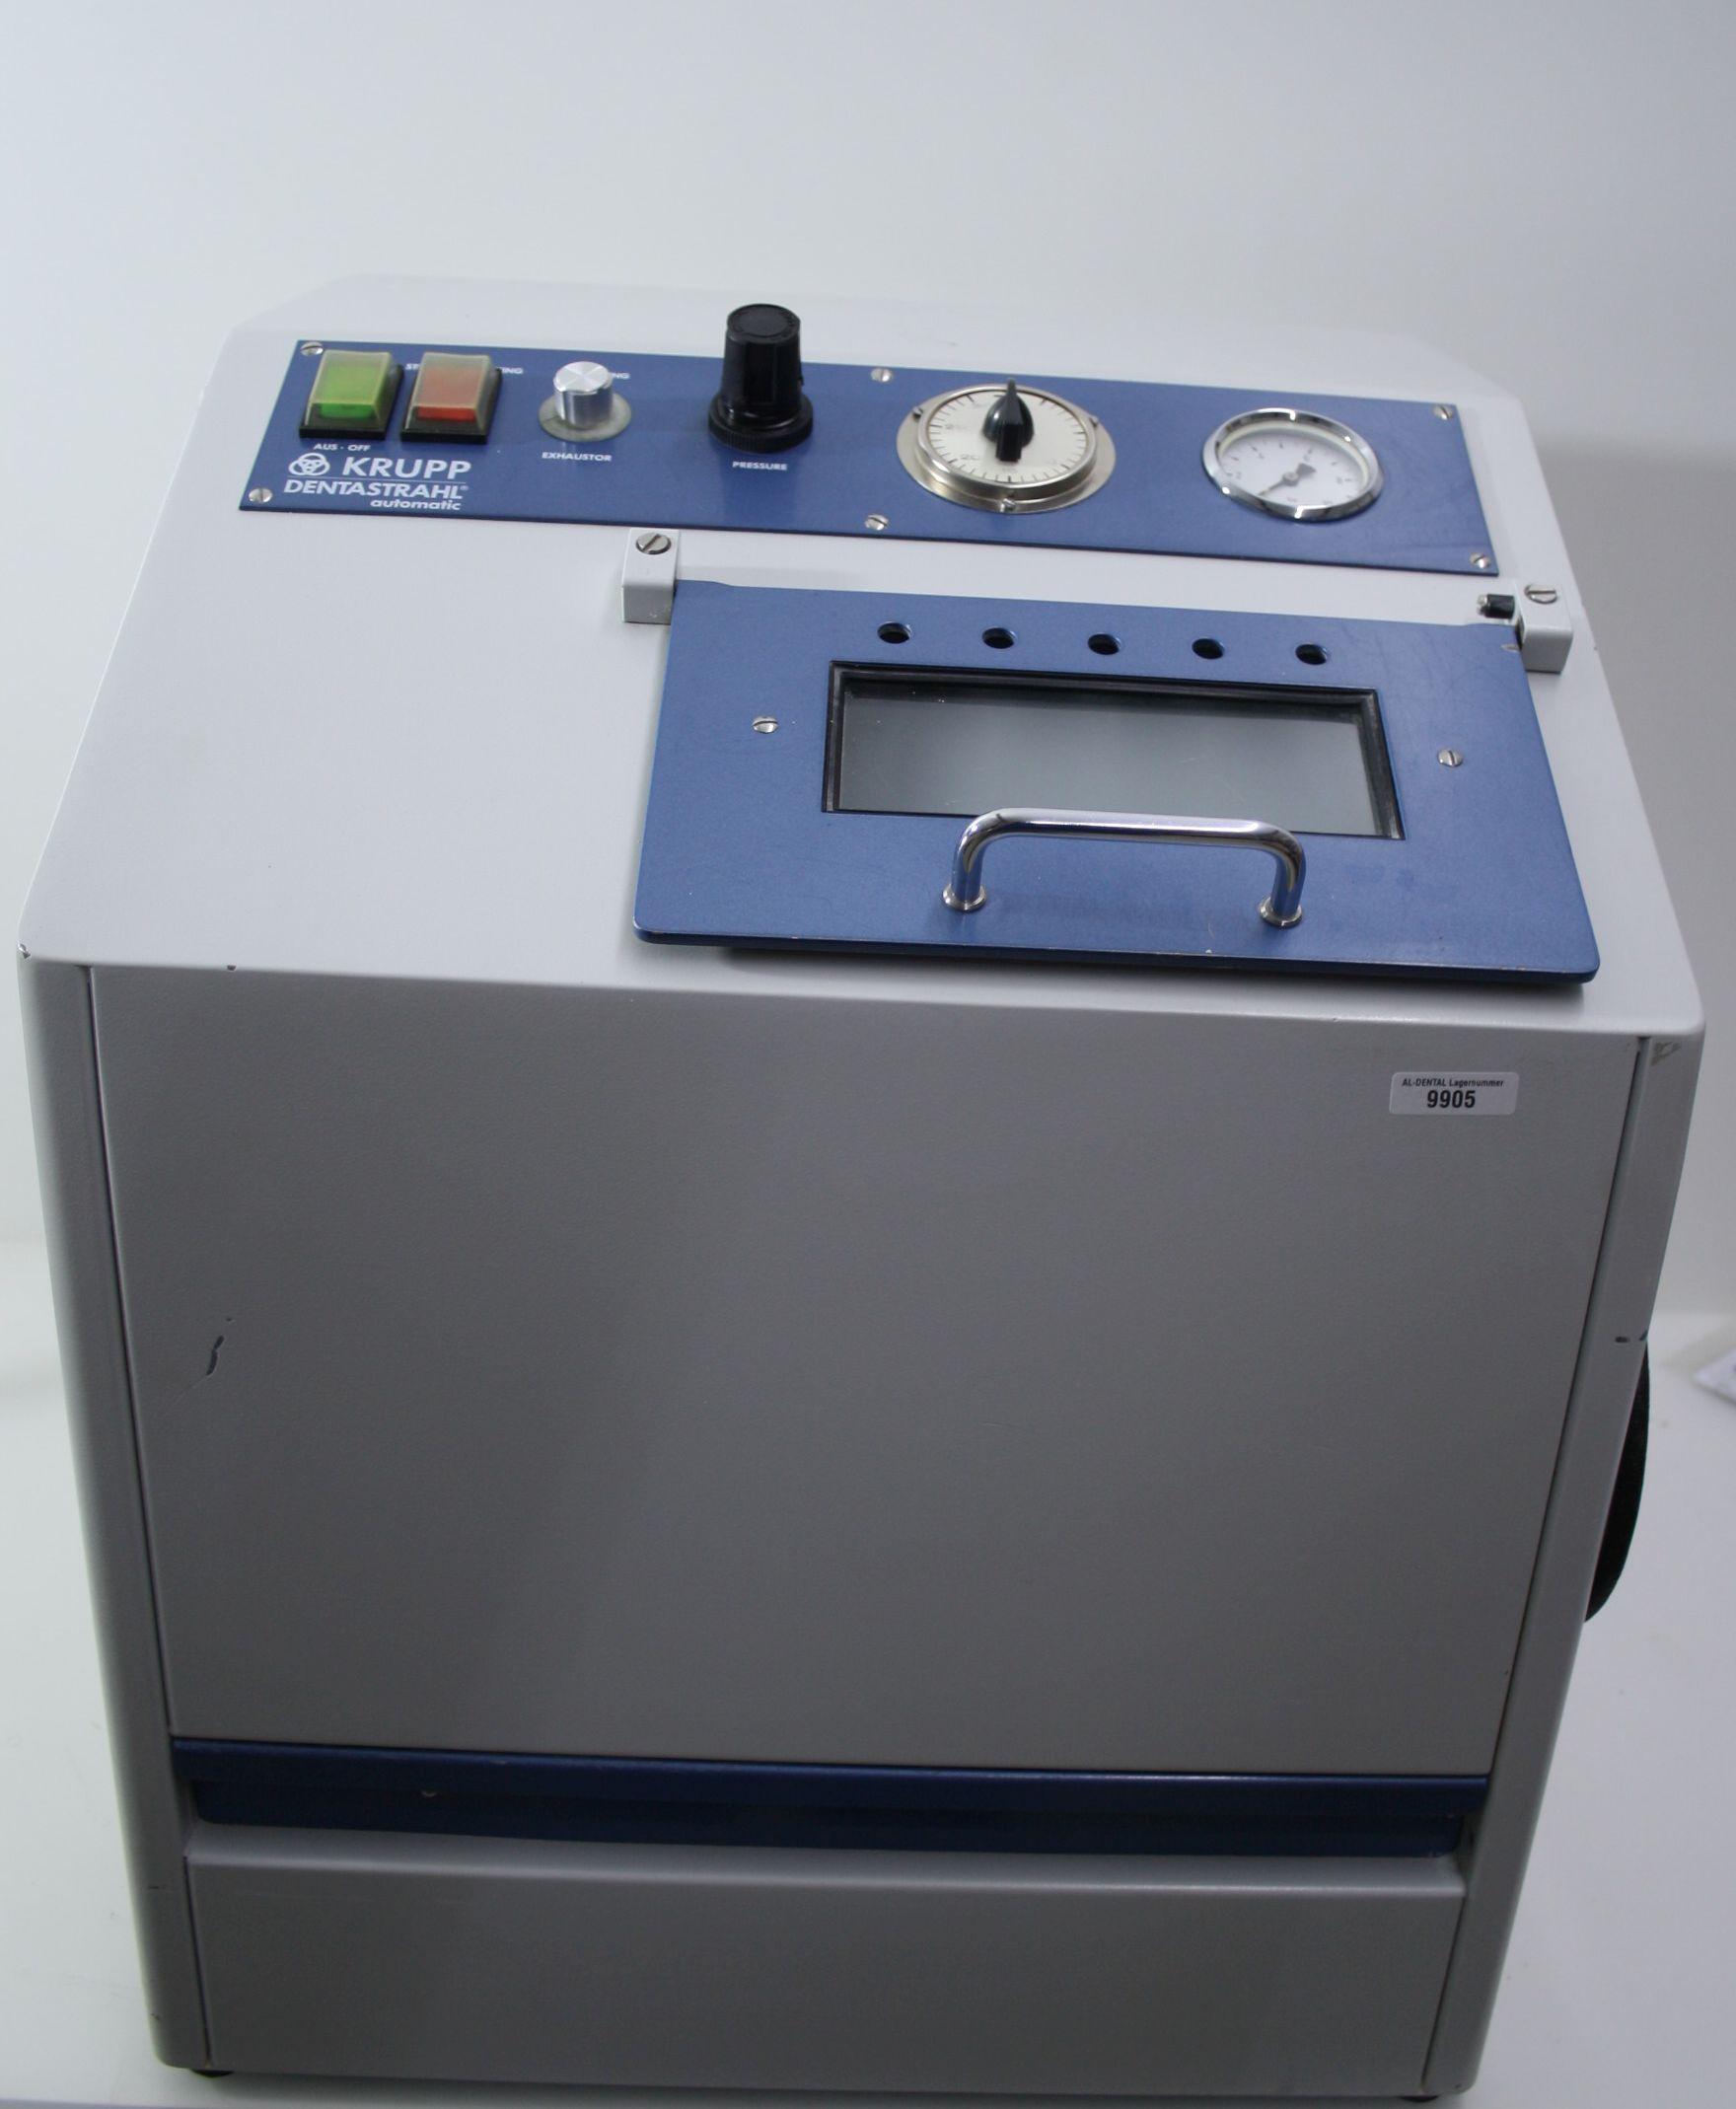 KRUPP Automatik-Umlaufstrahler/Sandstrahler Typ Dentastrahl  # 9905